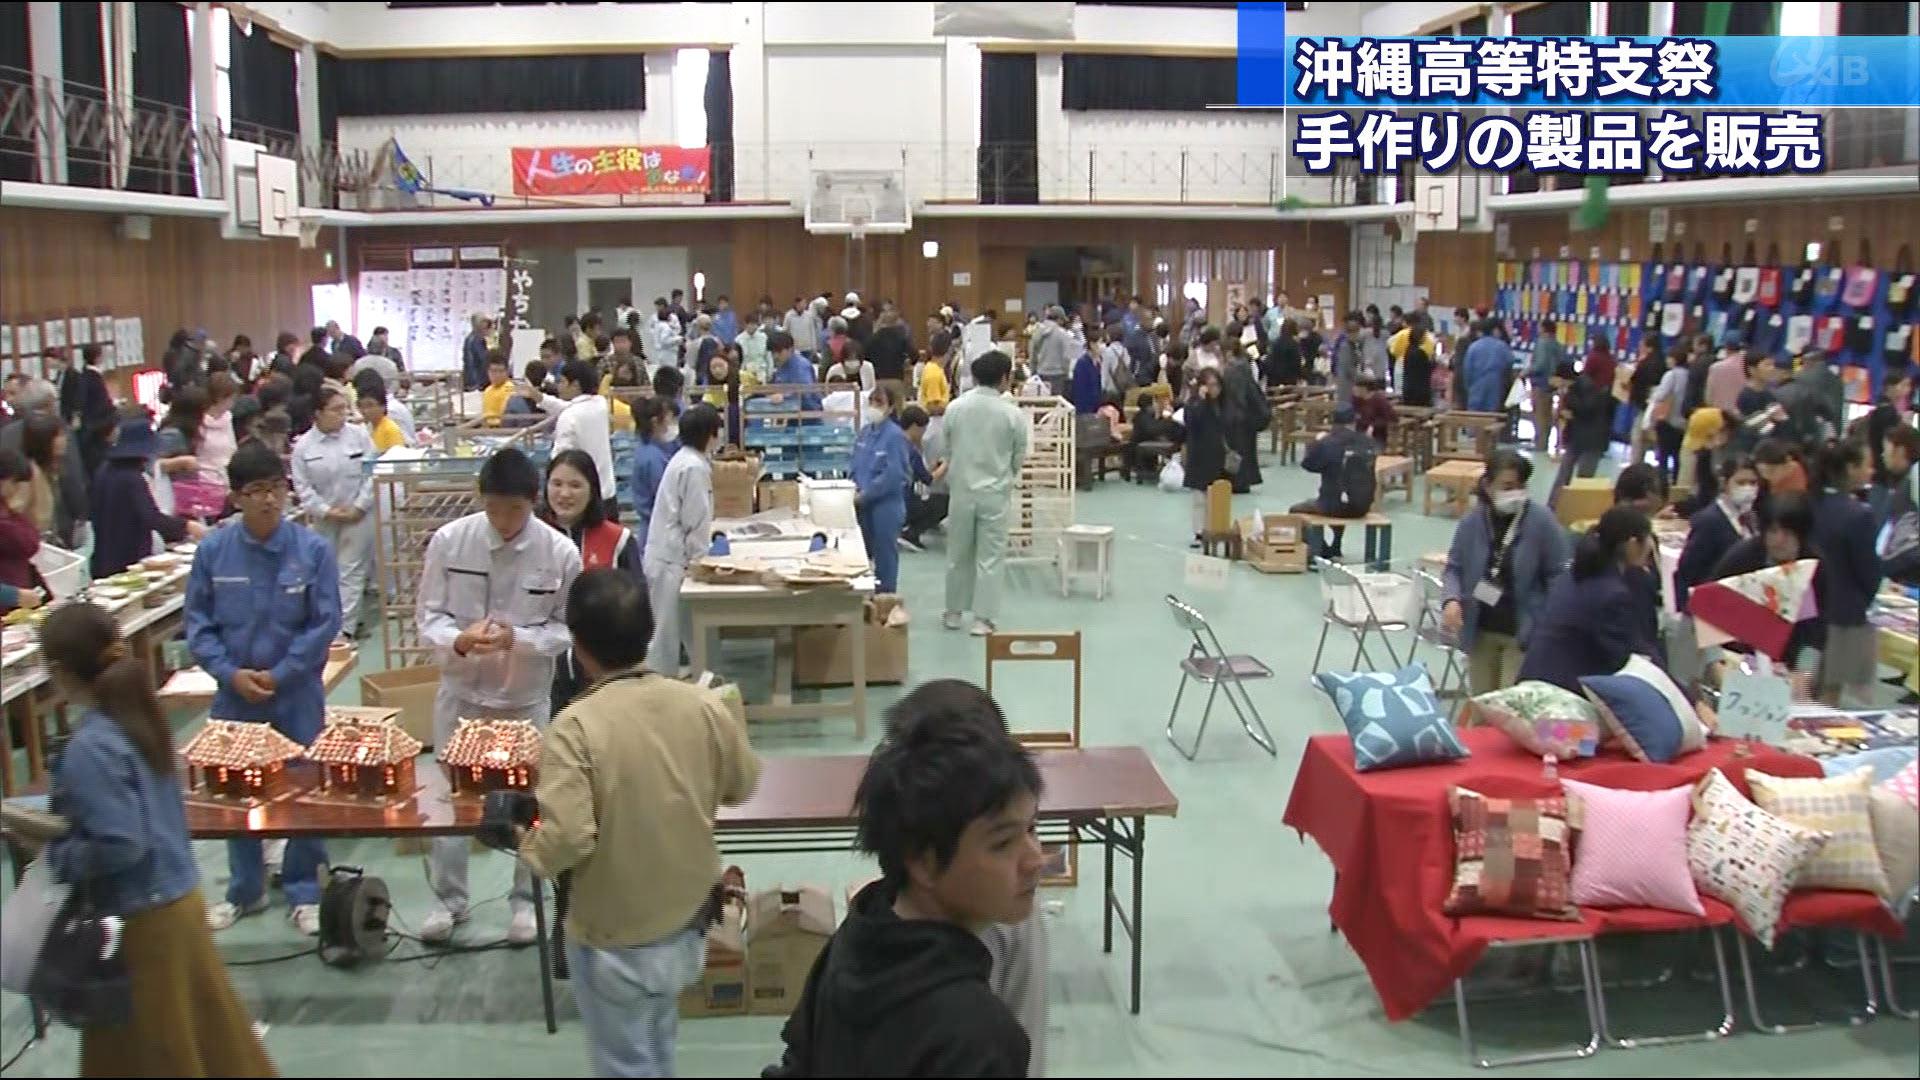 沖縄高等特別支援学校で学園祭